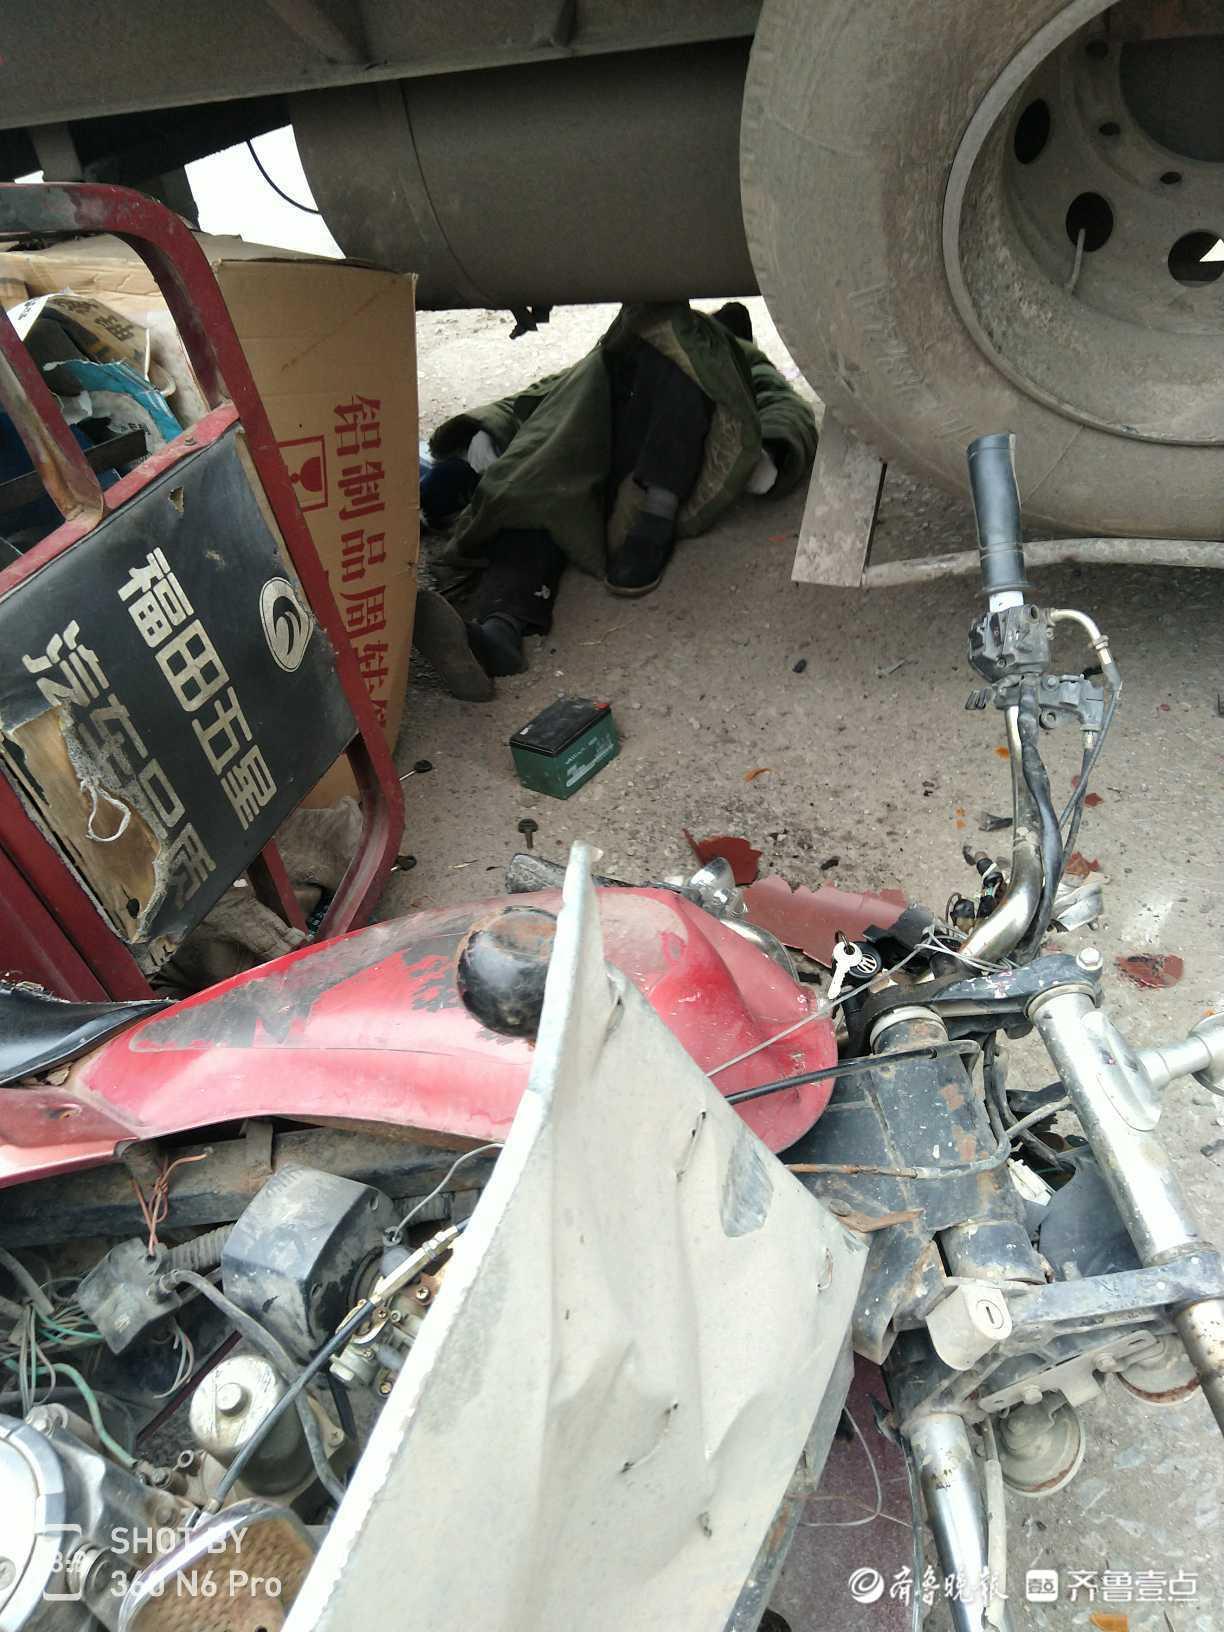 情报站|临沂342国道三轮车与大货车相撞,有人受伤等待救援